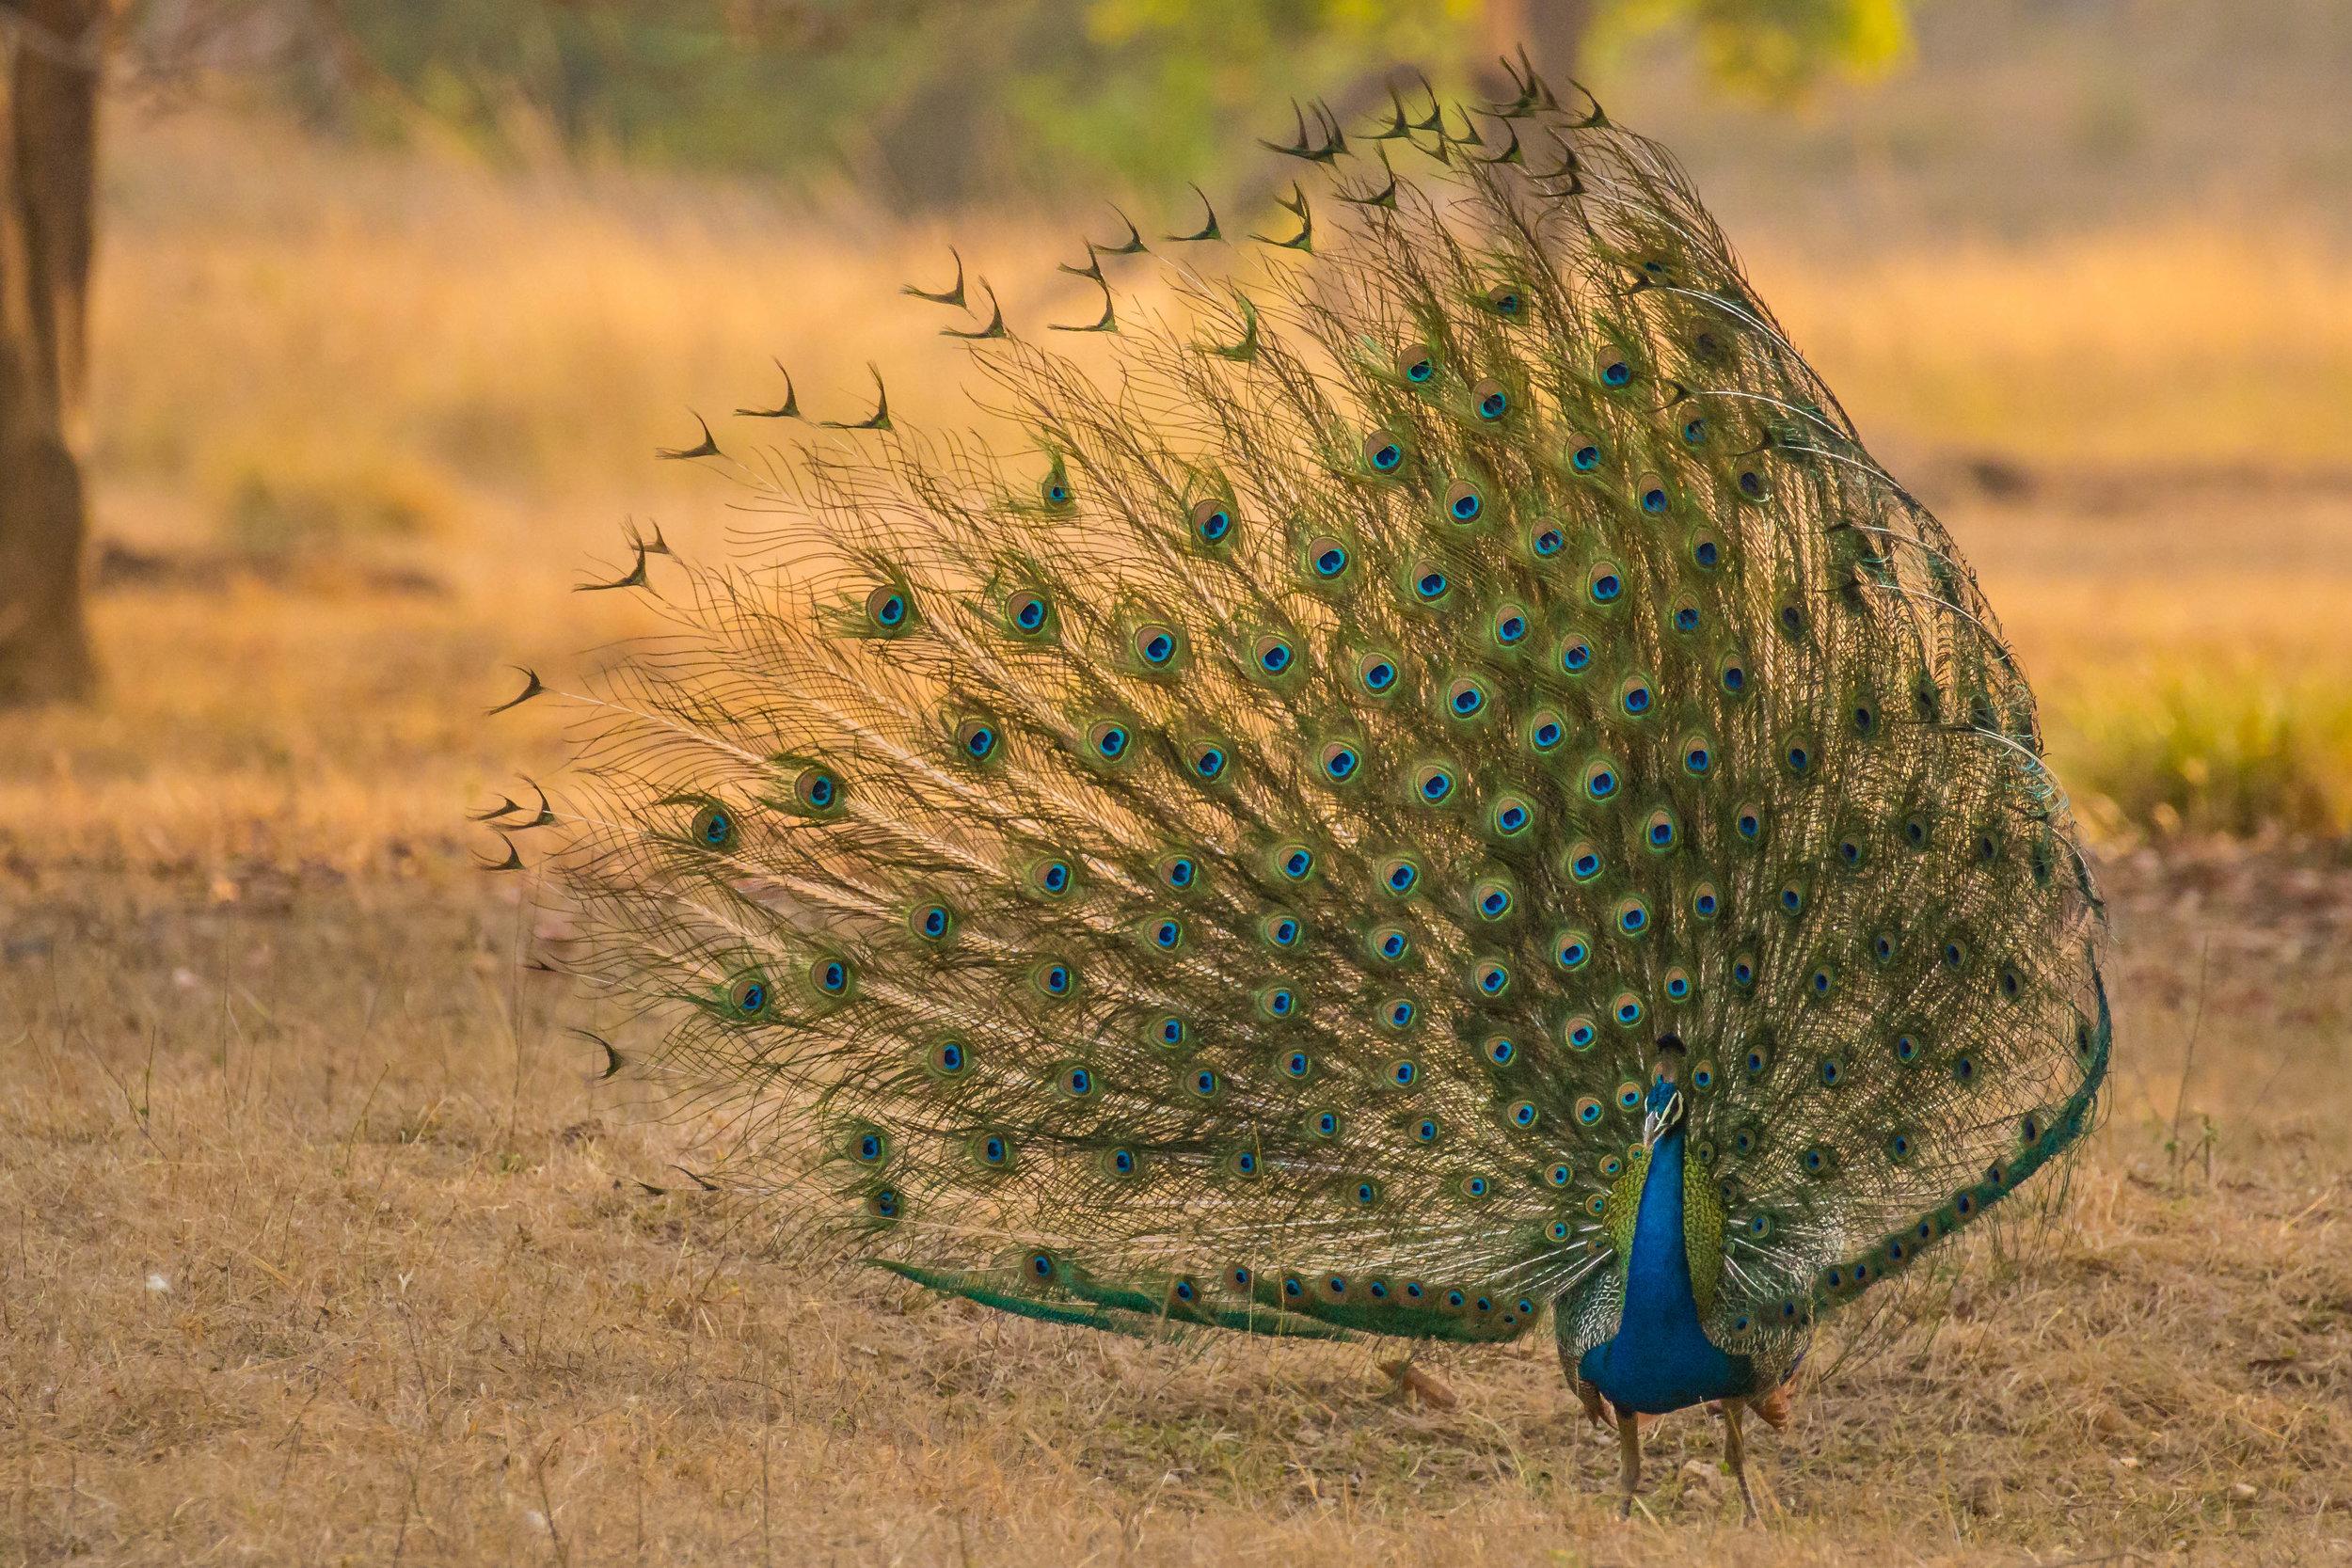 Peacock in full display mode.